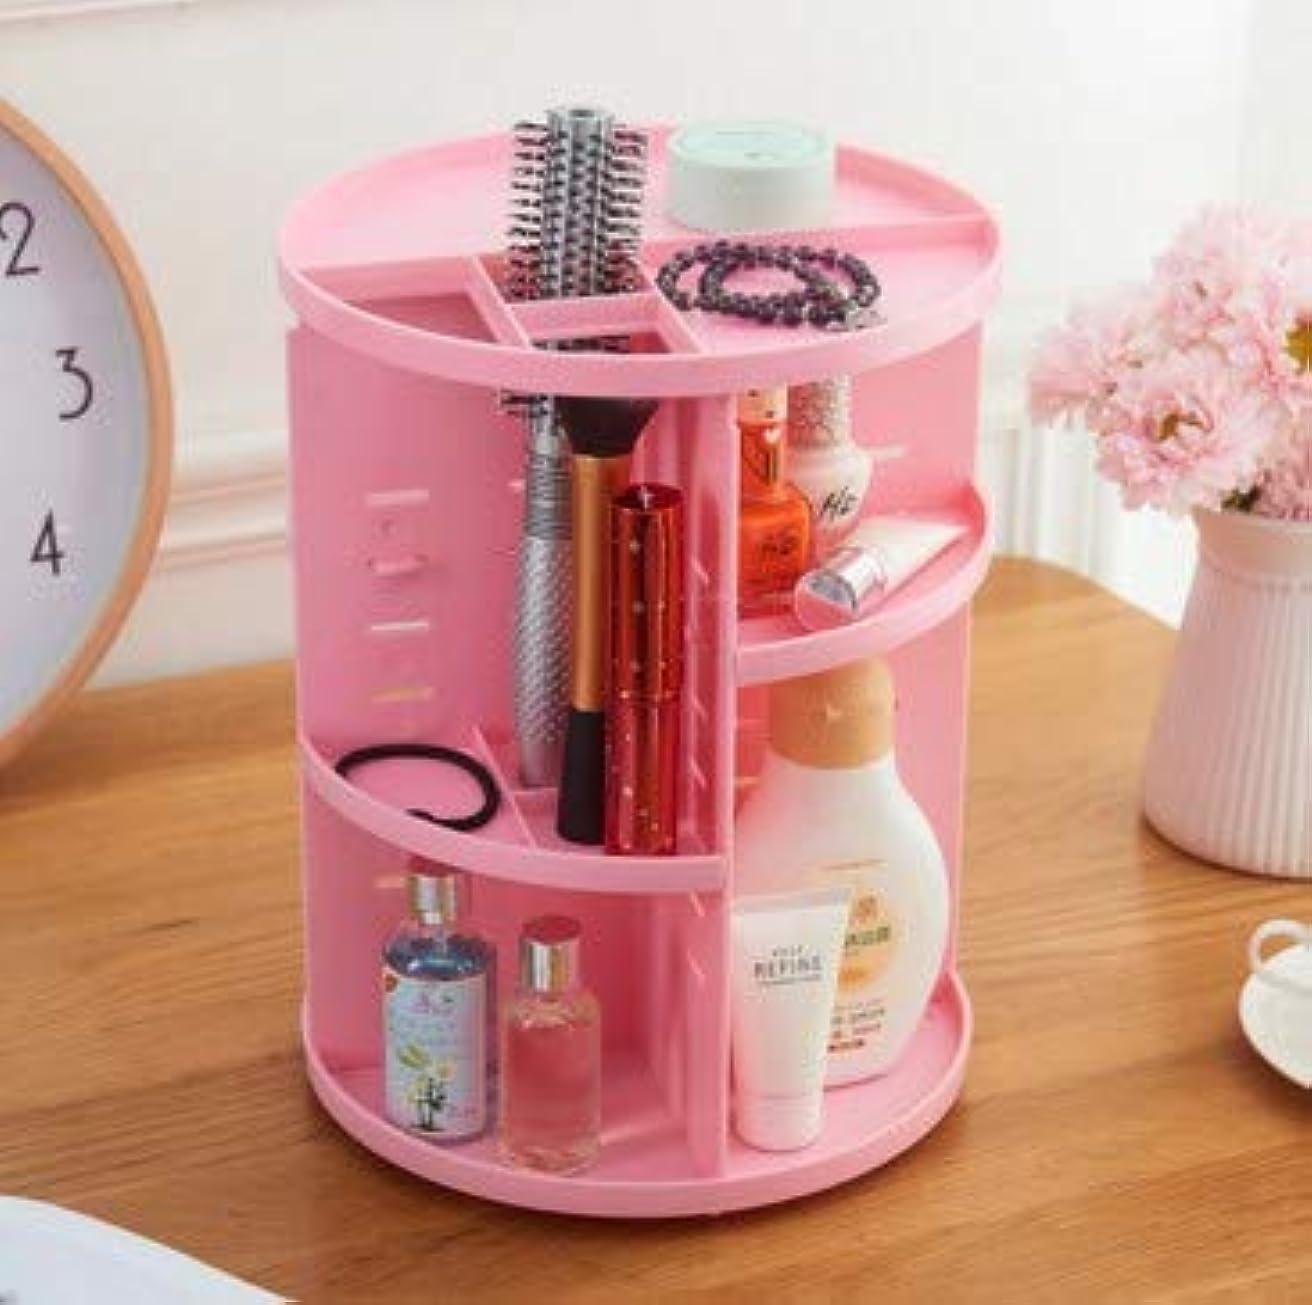 モールス信号嘆願大工デスクトップロータリー収納ボックス多機能プラスチックバスルーム仕上げボックス化粧品収納ボックス (Color : ピンク)